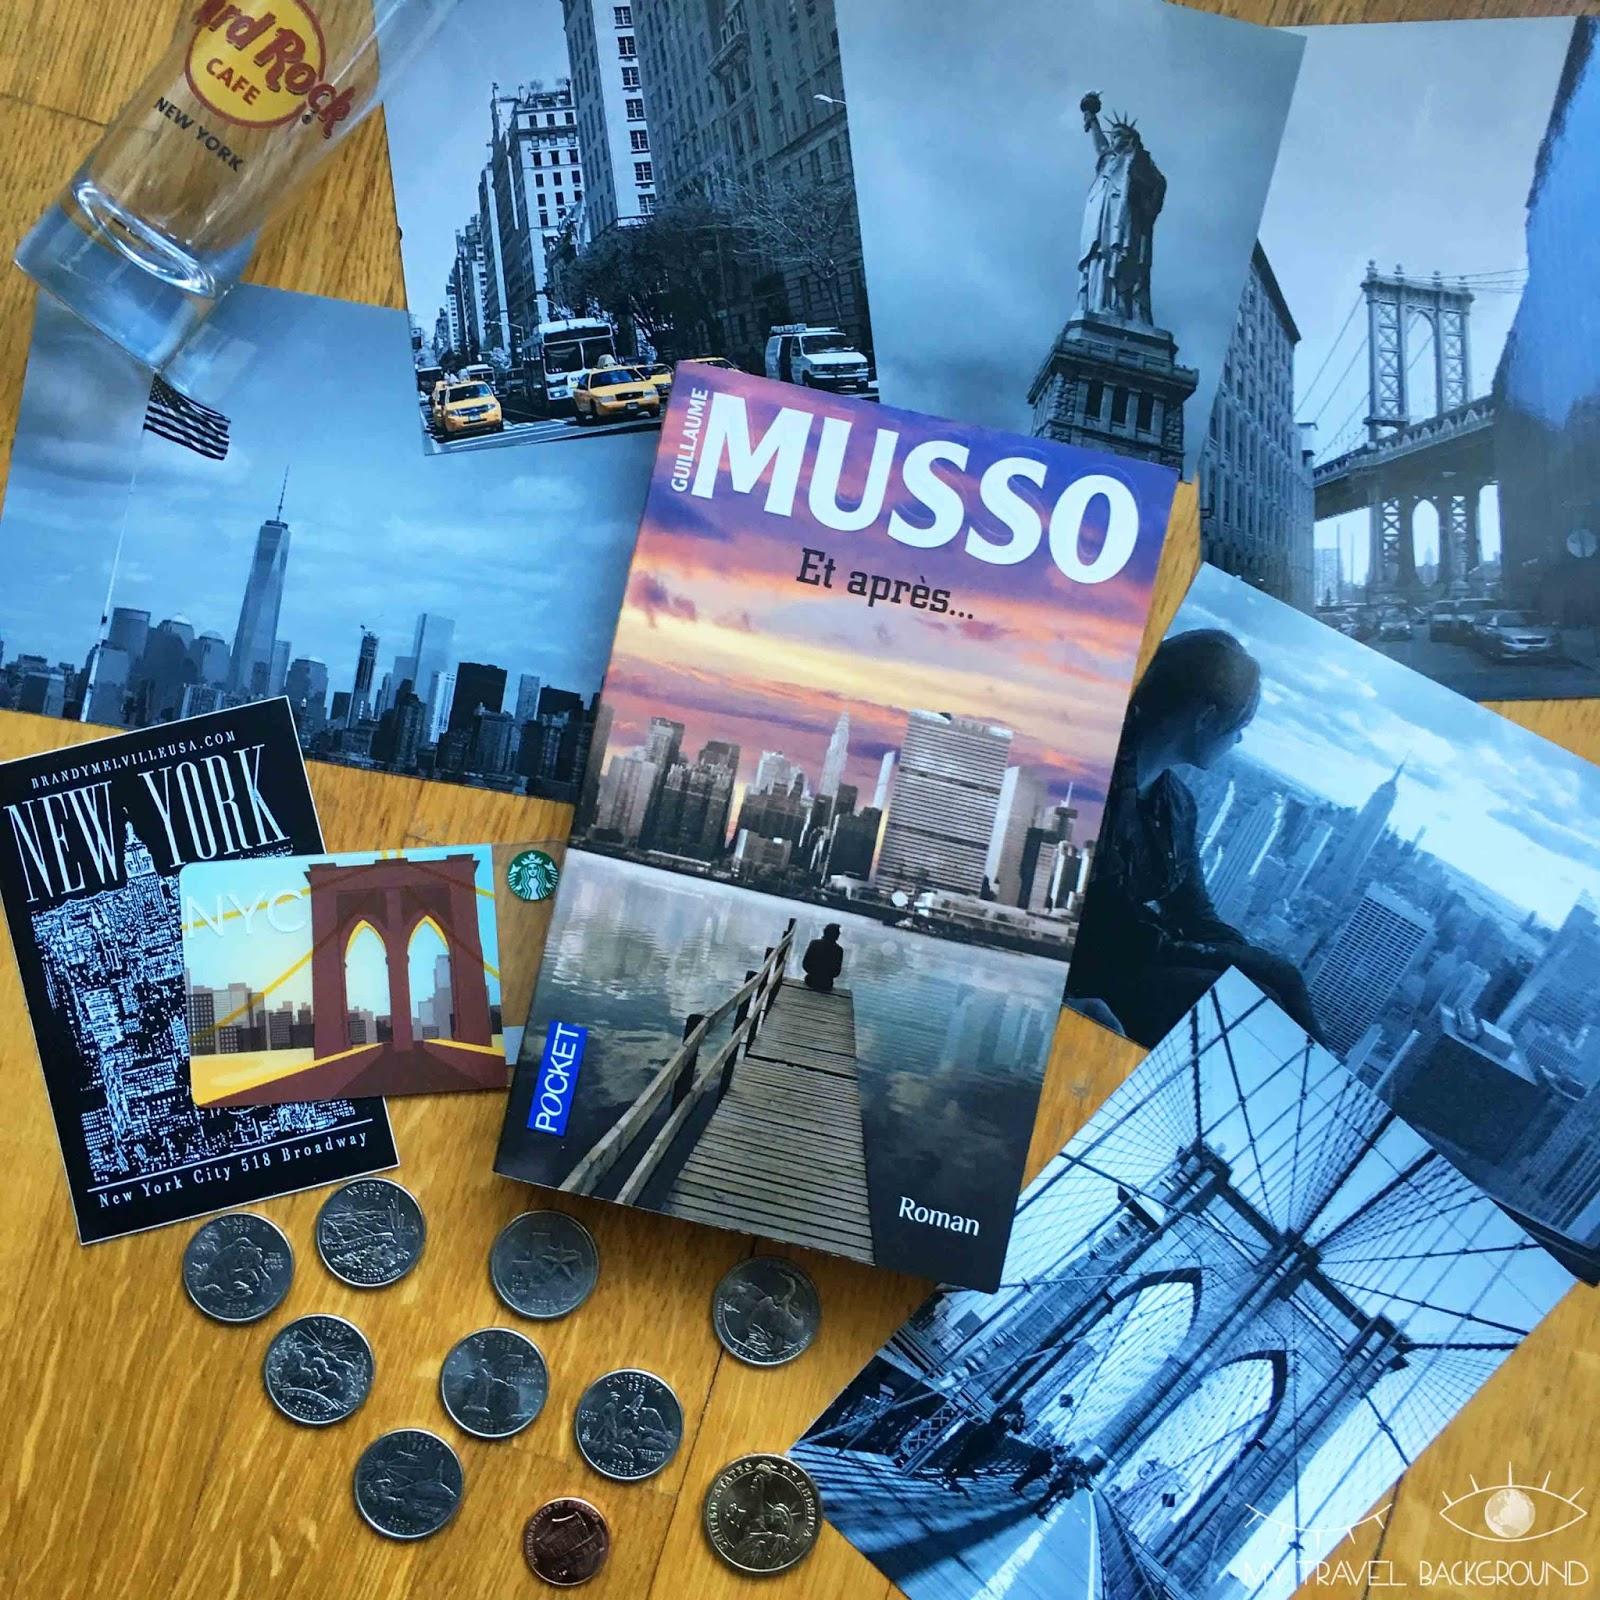 My Travel Background : 9 romans qui vont vous faire voyager, Et après, Guillaume Musso